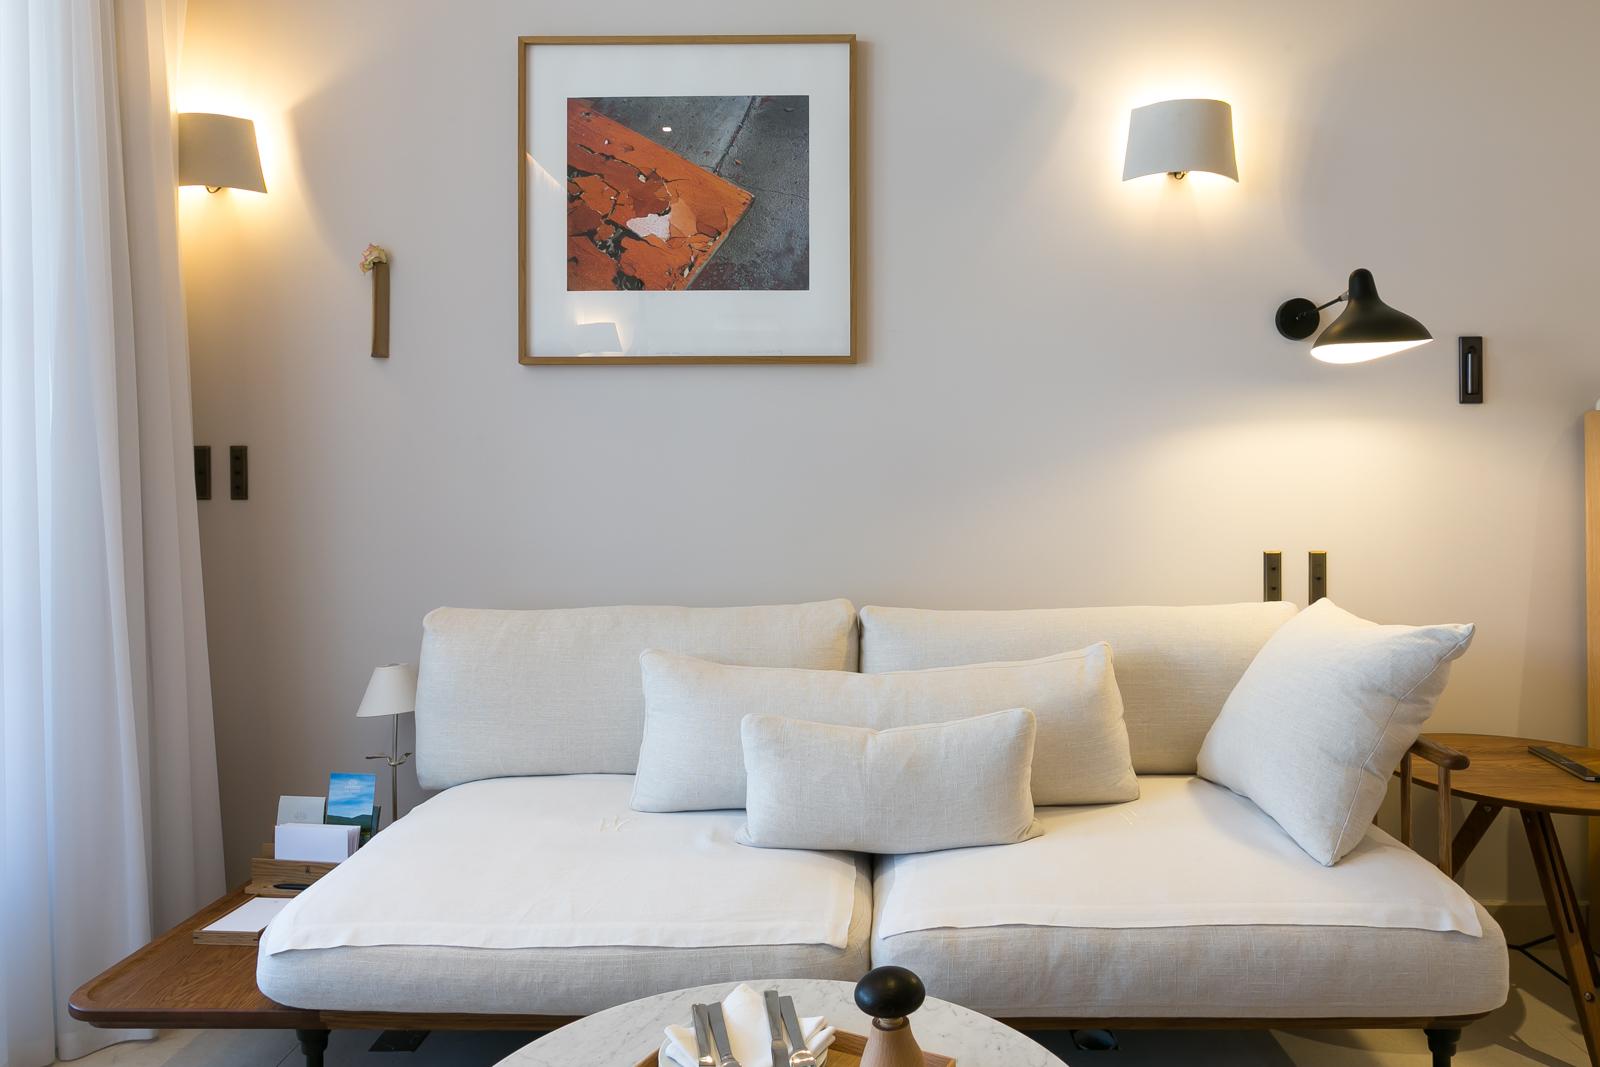 https://amelie-bouchez.fr/wp-content/uploads/2020/08/amelie-bouchez-hotel-chambre-puy-sainte-reparade-4.jpg